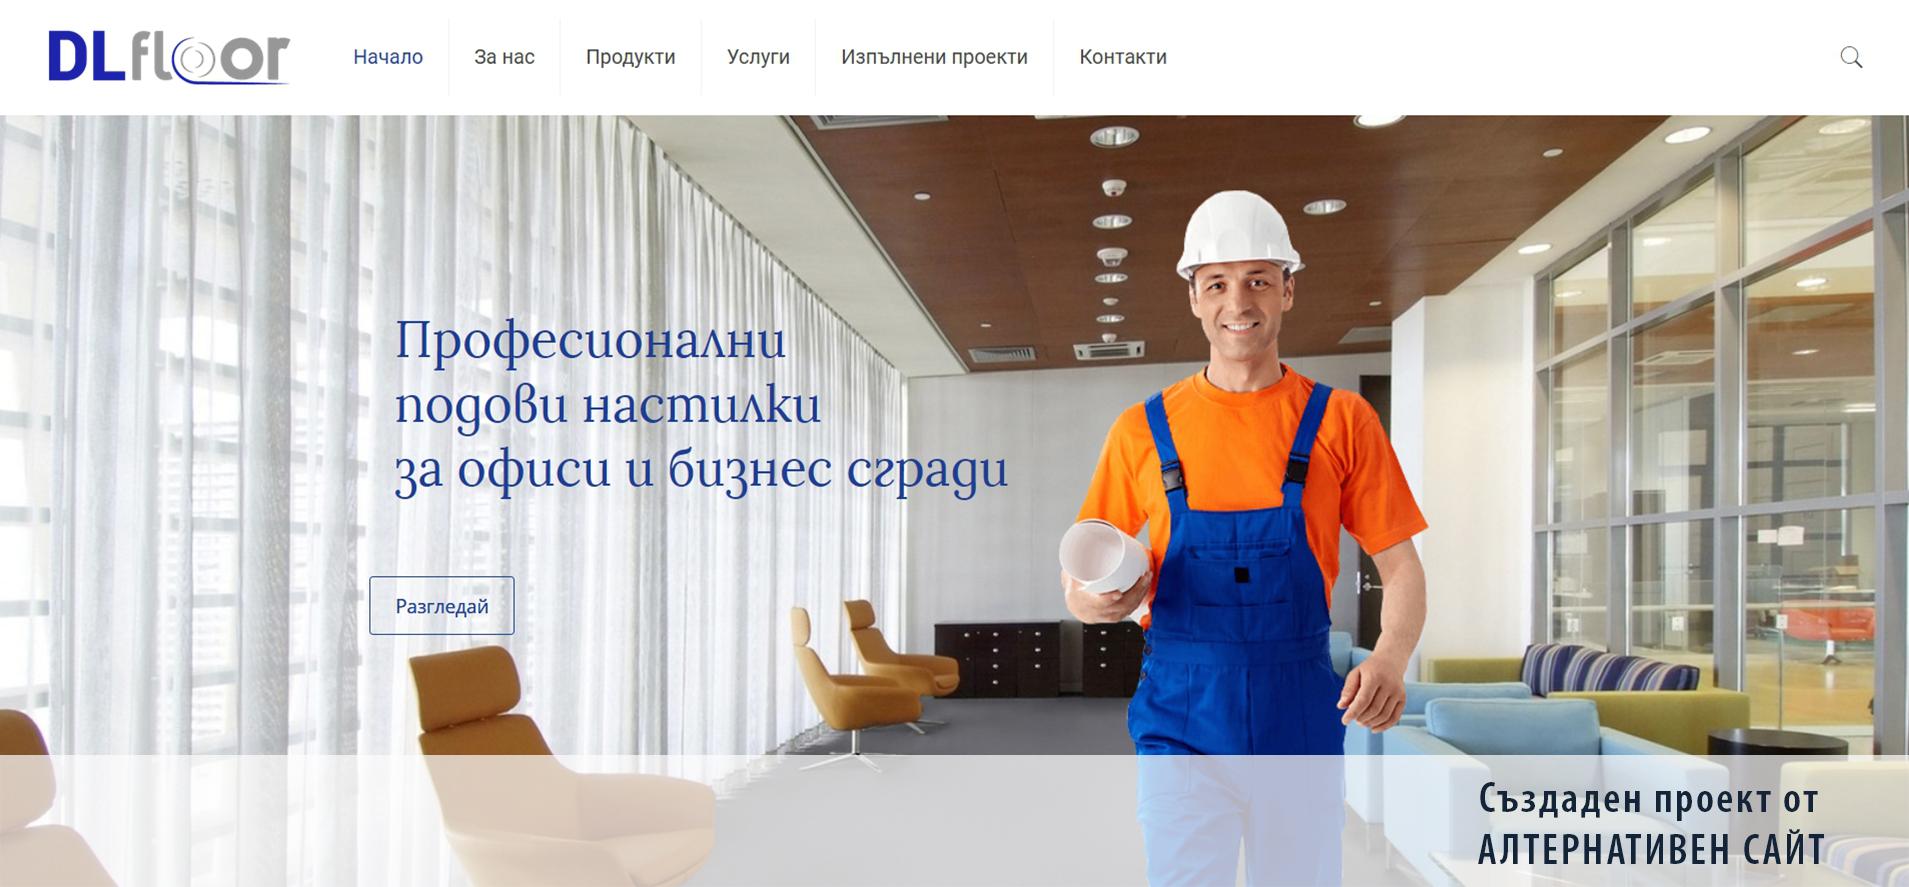 Изработка на сайт за подови настилки